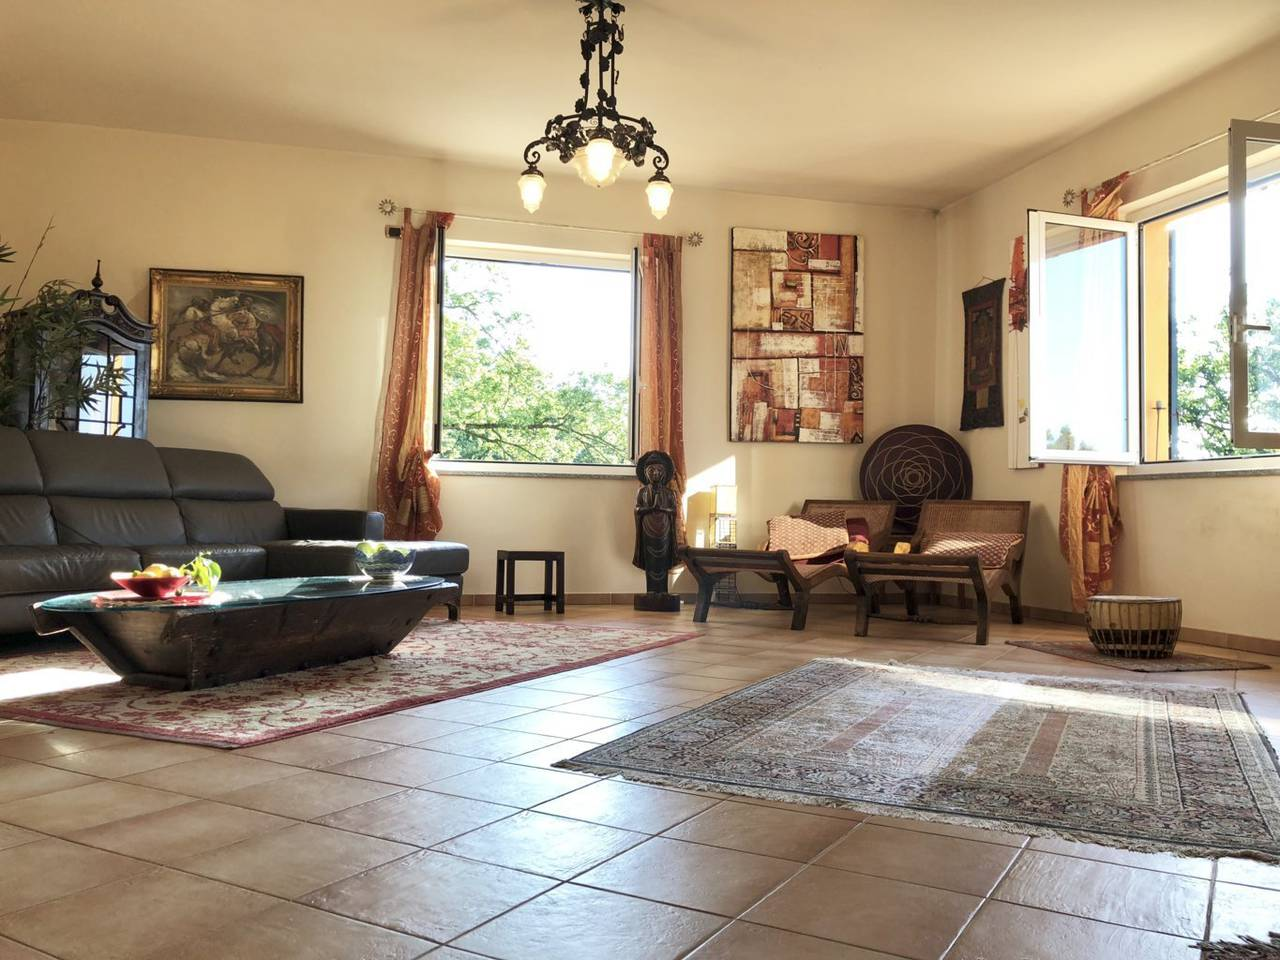 Villa-con-parco-in-vendita-a-Ovada-39